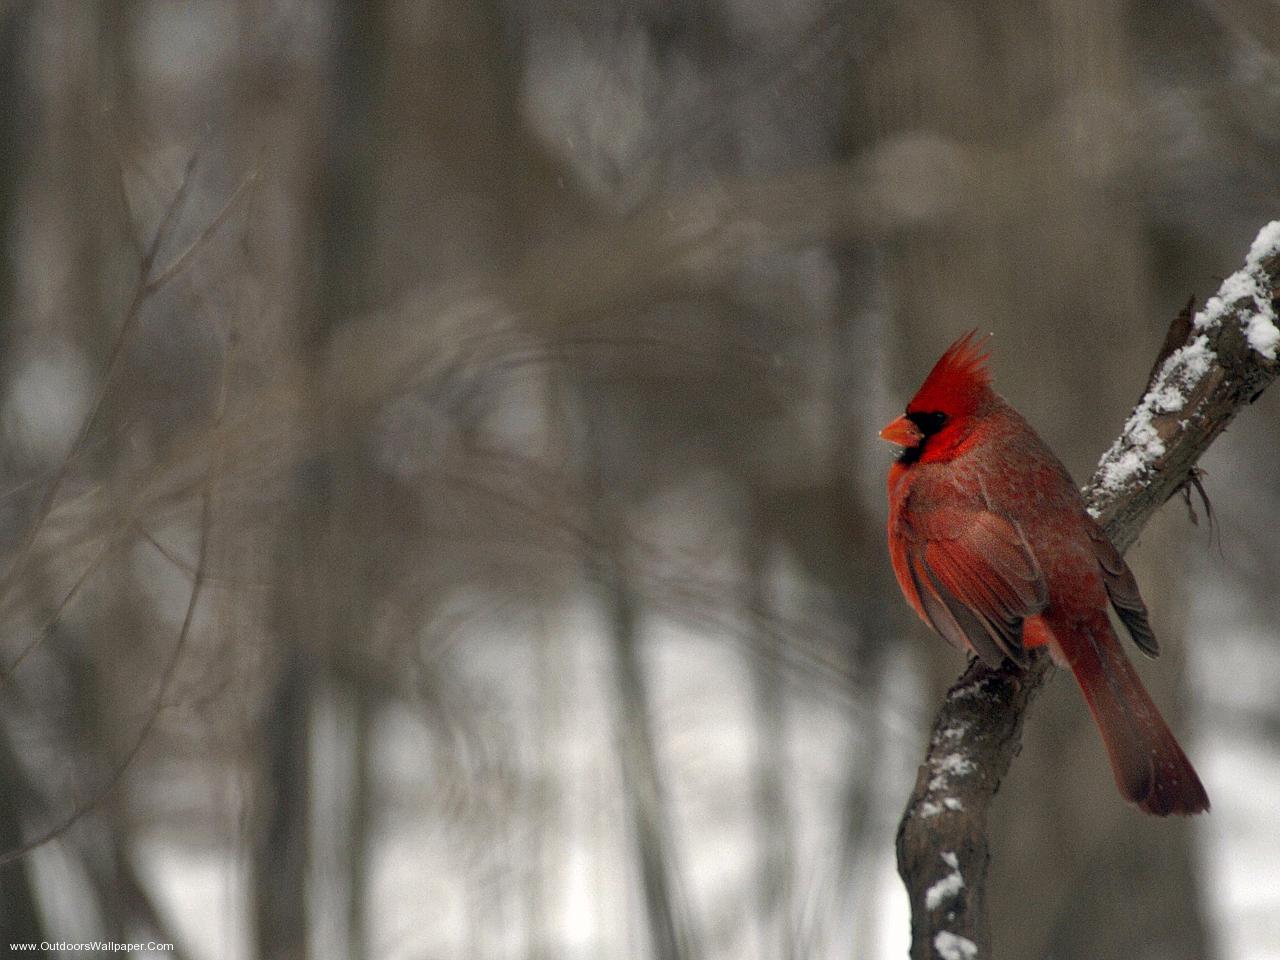 cardinalscardinal birdflying cardinalsweet cardinalsred cardinal 1280x960